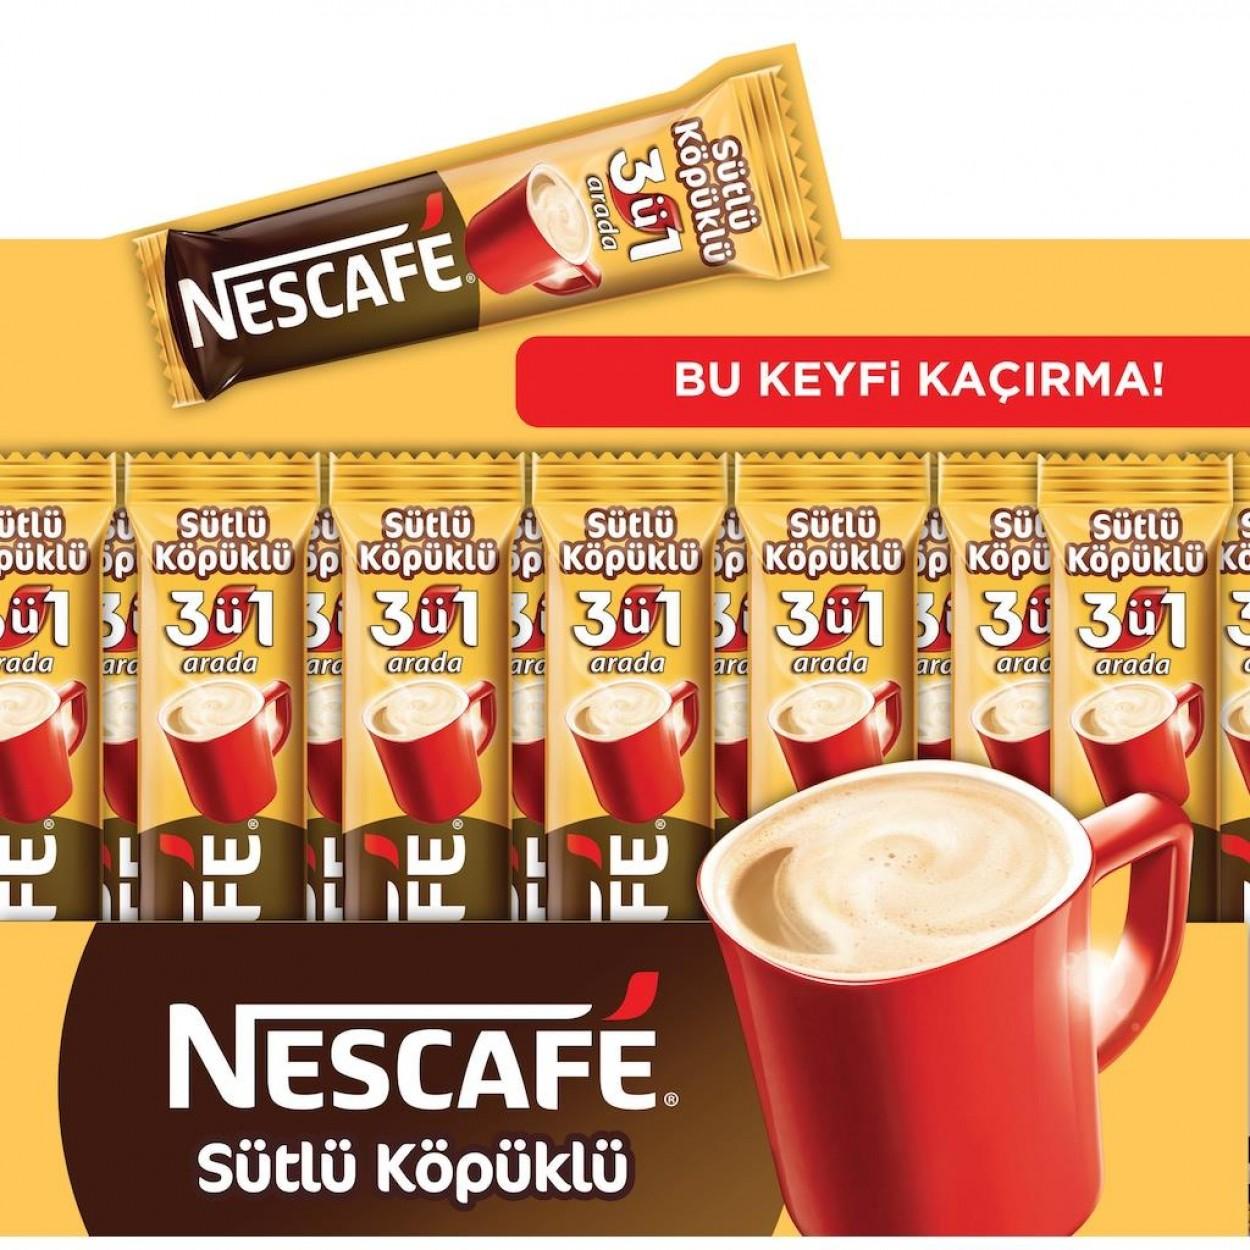 Nescafe 3'ü 1 Arada Sütlü Köpüklü 17.4 gr 72 Li Paket